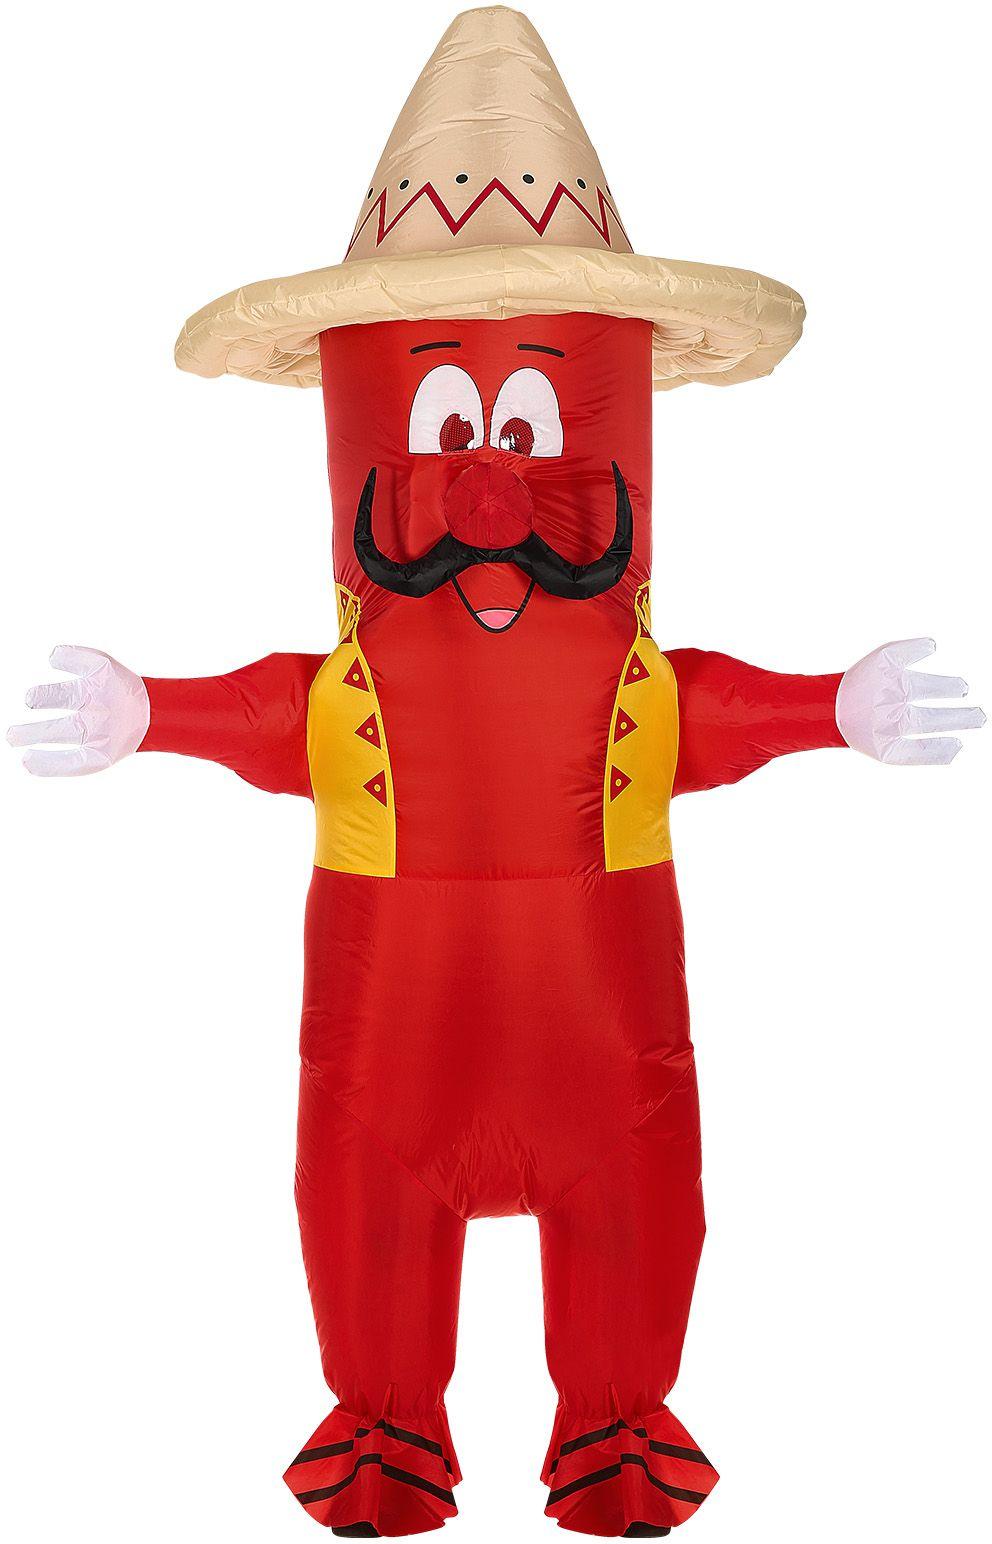 Rode chili peper kostuum